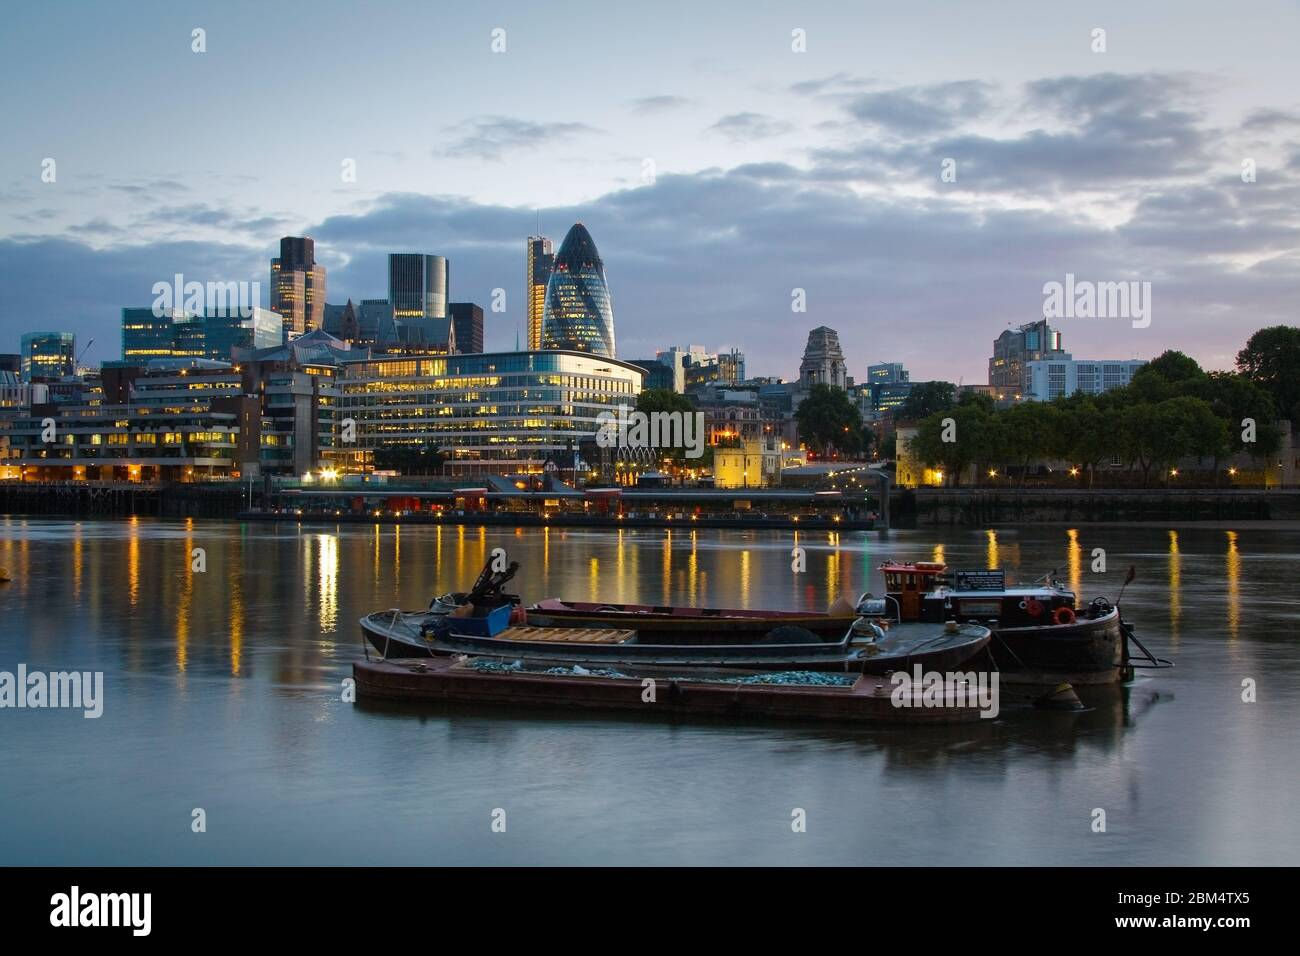 Bateaux et quartier de Liverpool Street à Londres. Banque D'Images